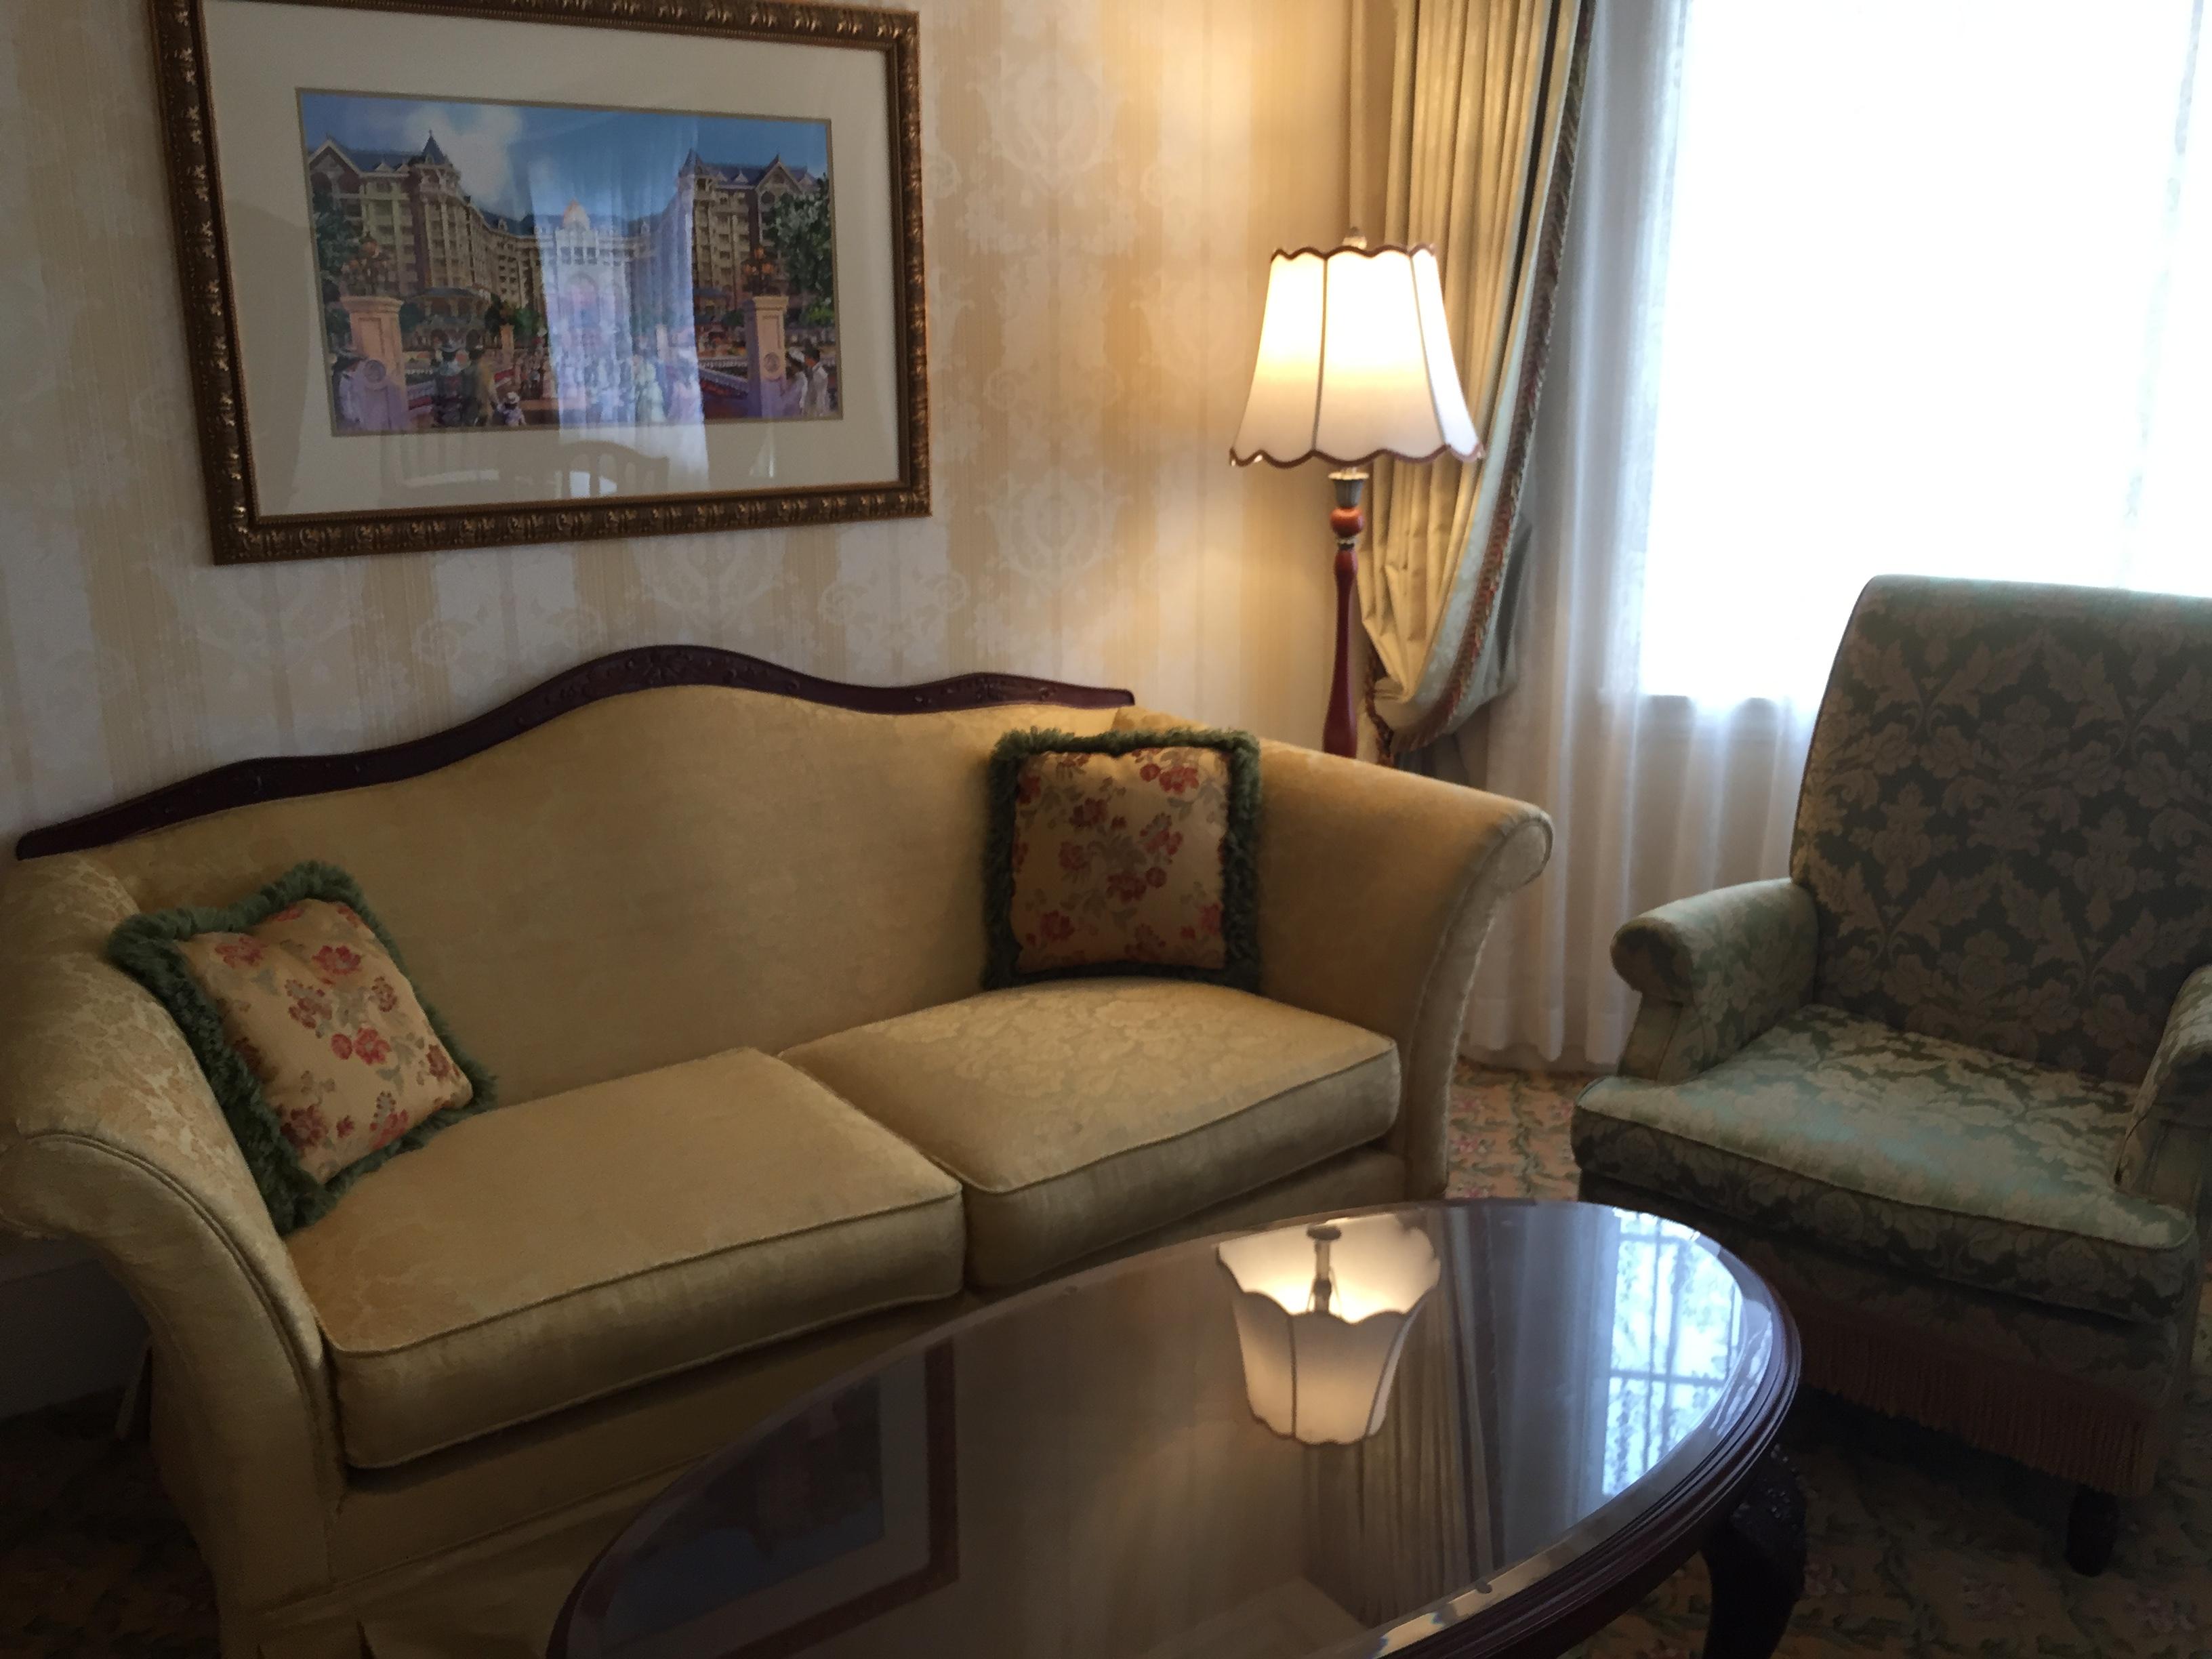 ディズニー ファミリー ホテル | 7331 イラス